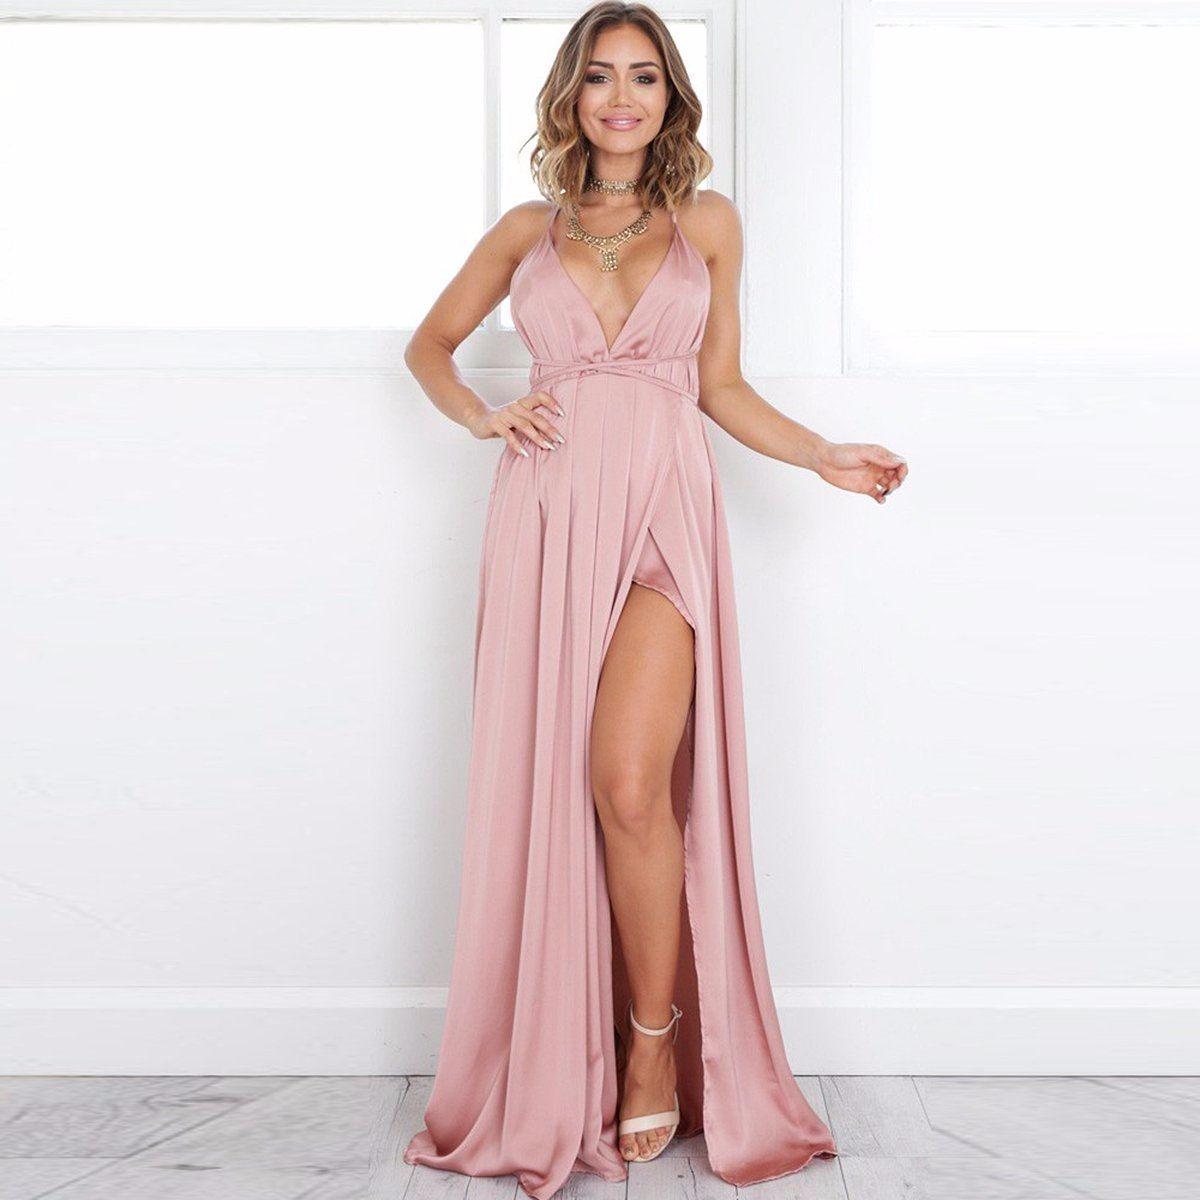 Liquido Vestido De Fiesta Largo - $ 1.000,00 en Mercado Libre